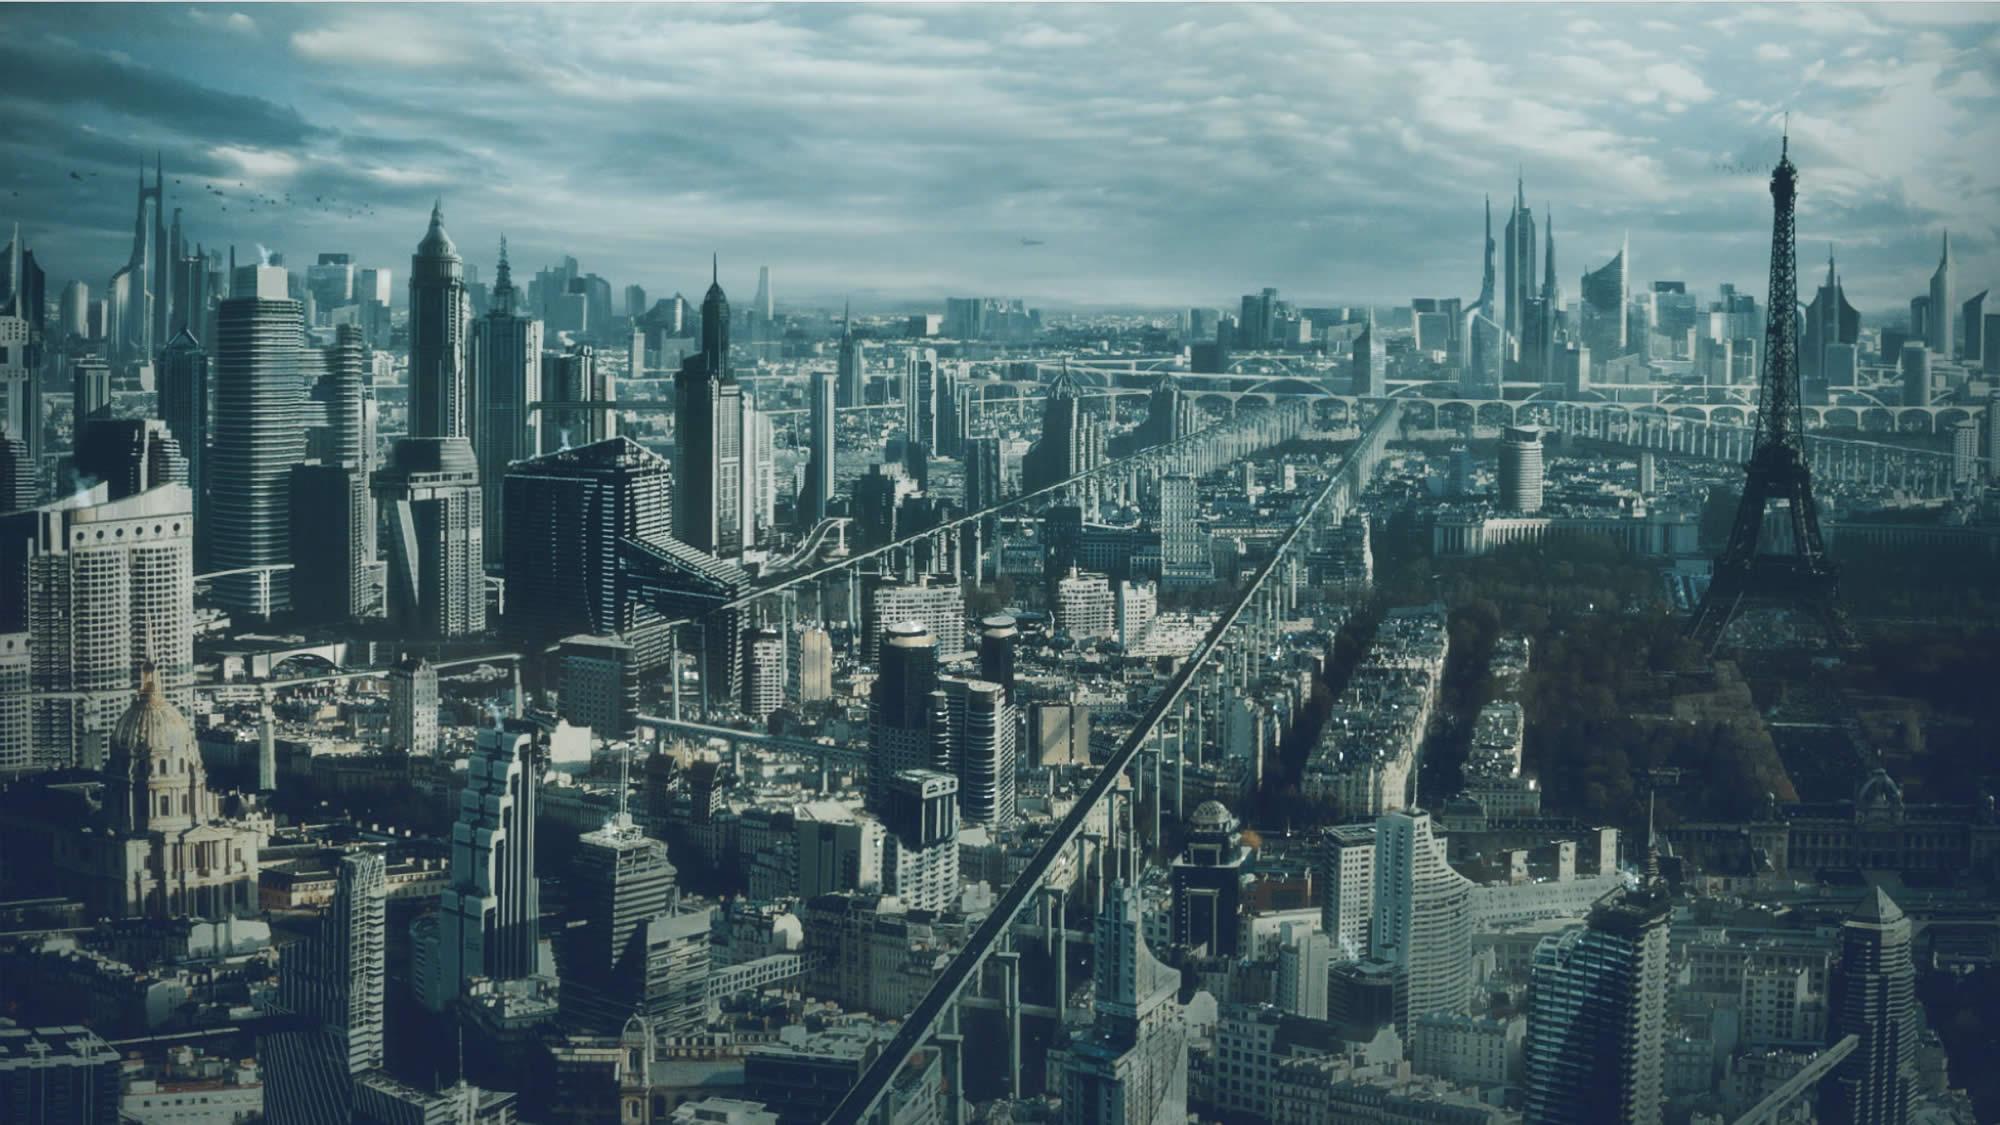 Civilization - Beyond Earth (teaser 001)